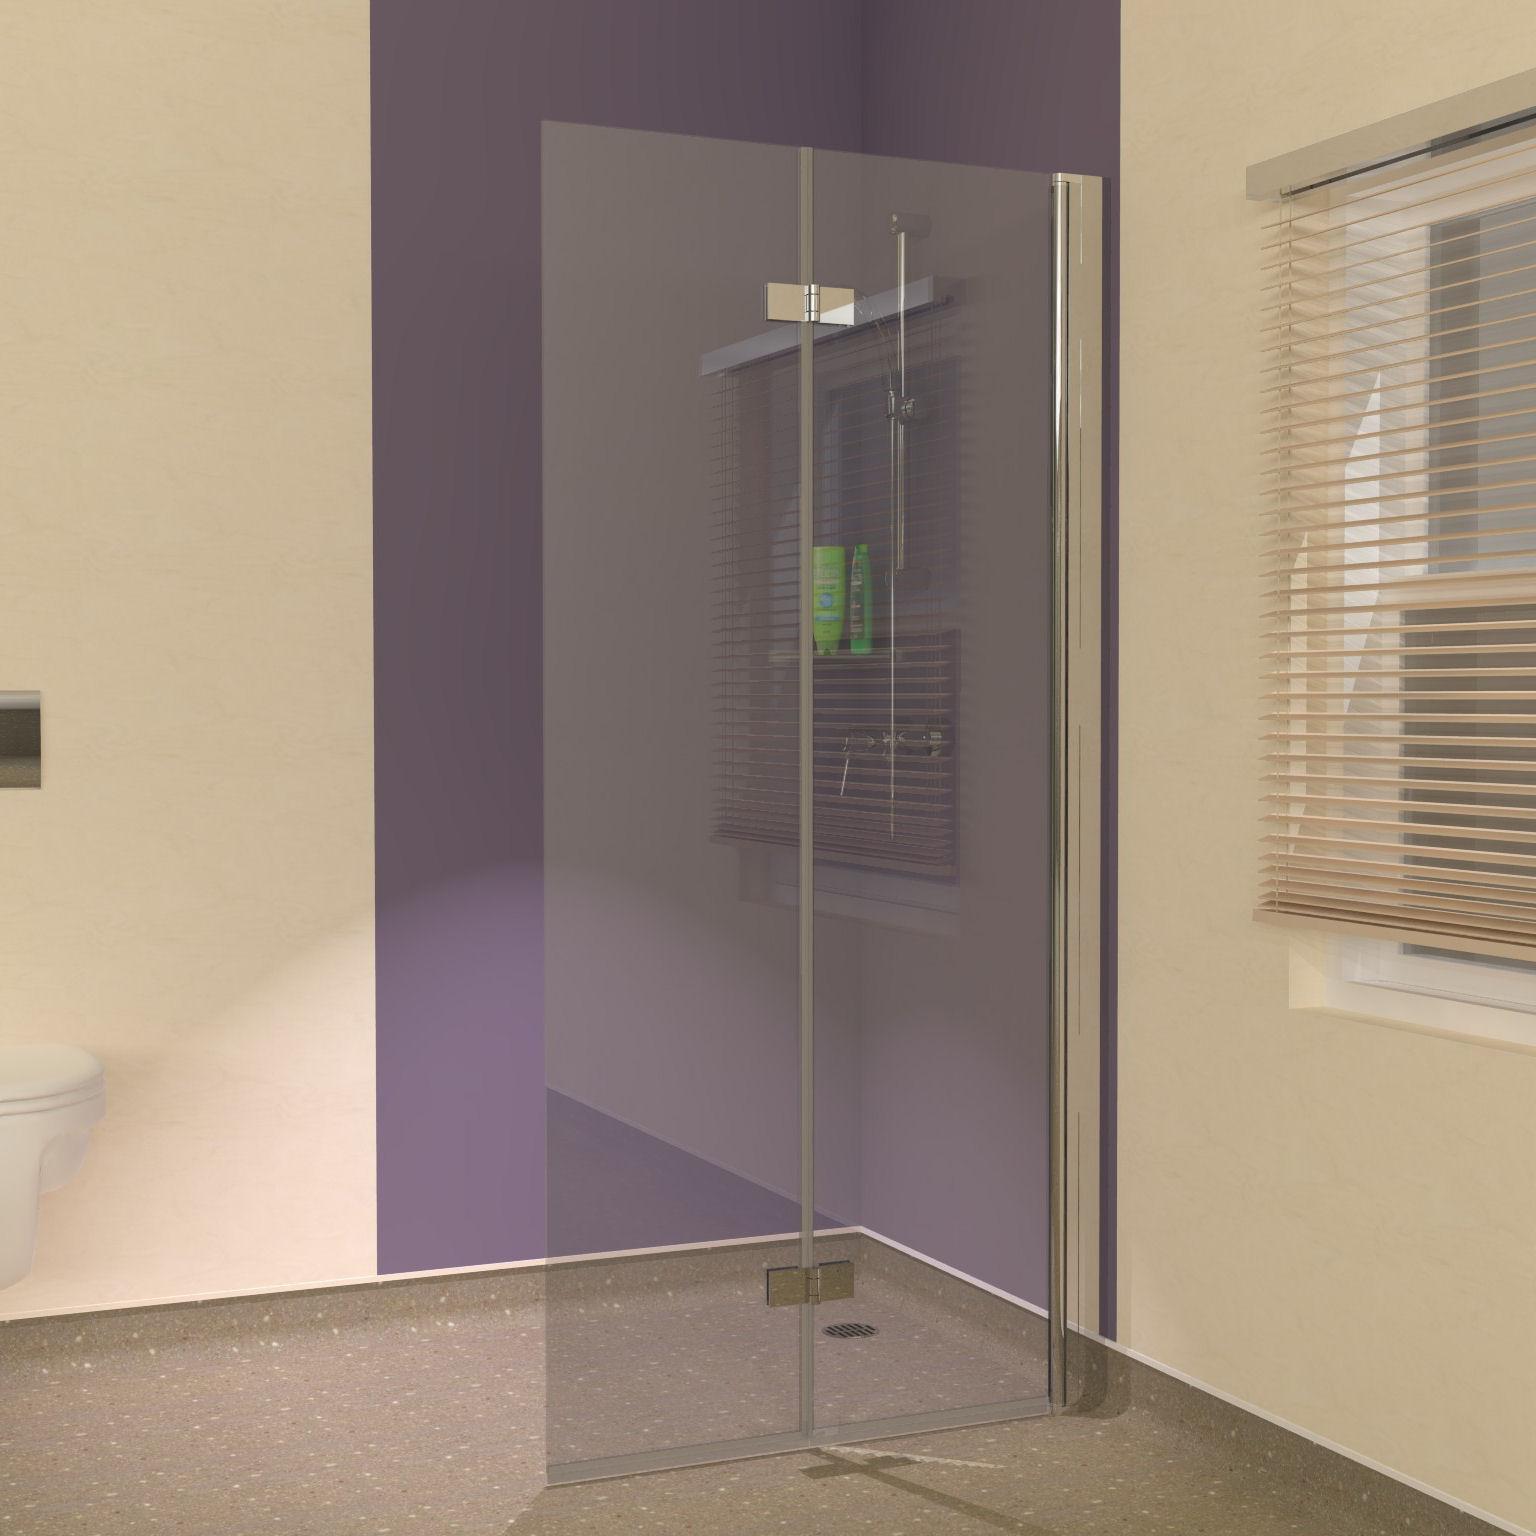 Wet room vinyl flooring hinged glass shower screens for Wet room vinyl flooring